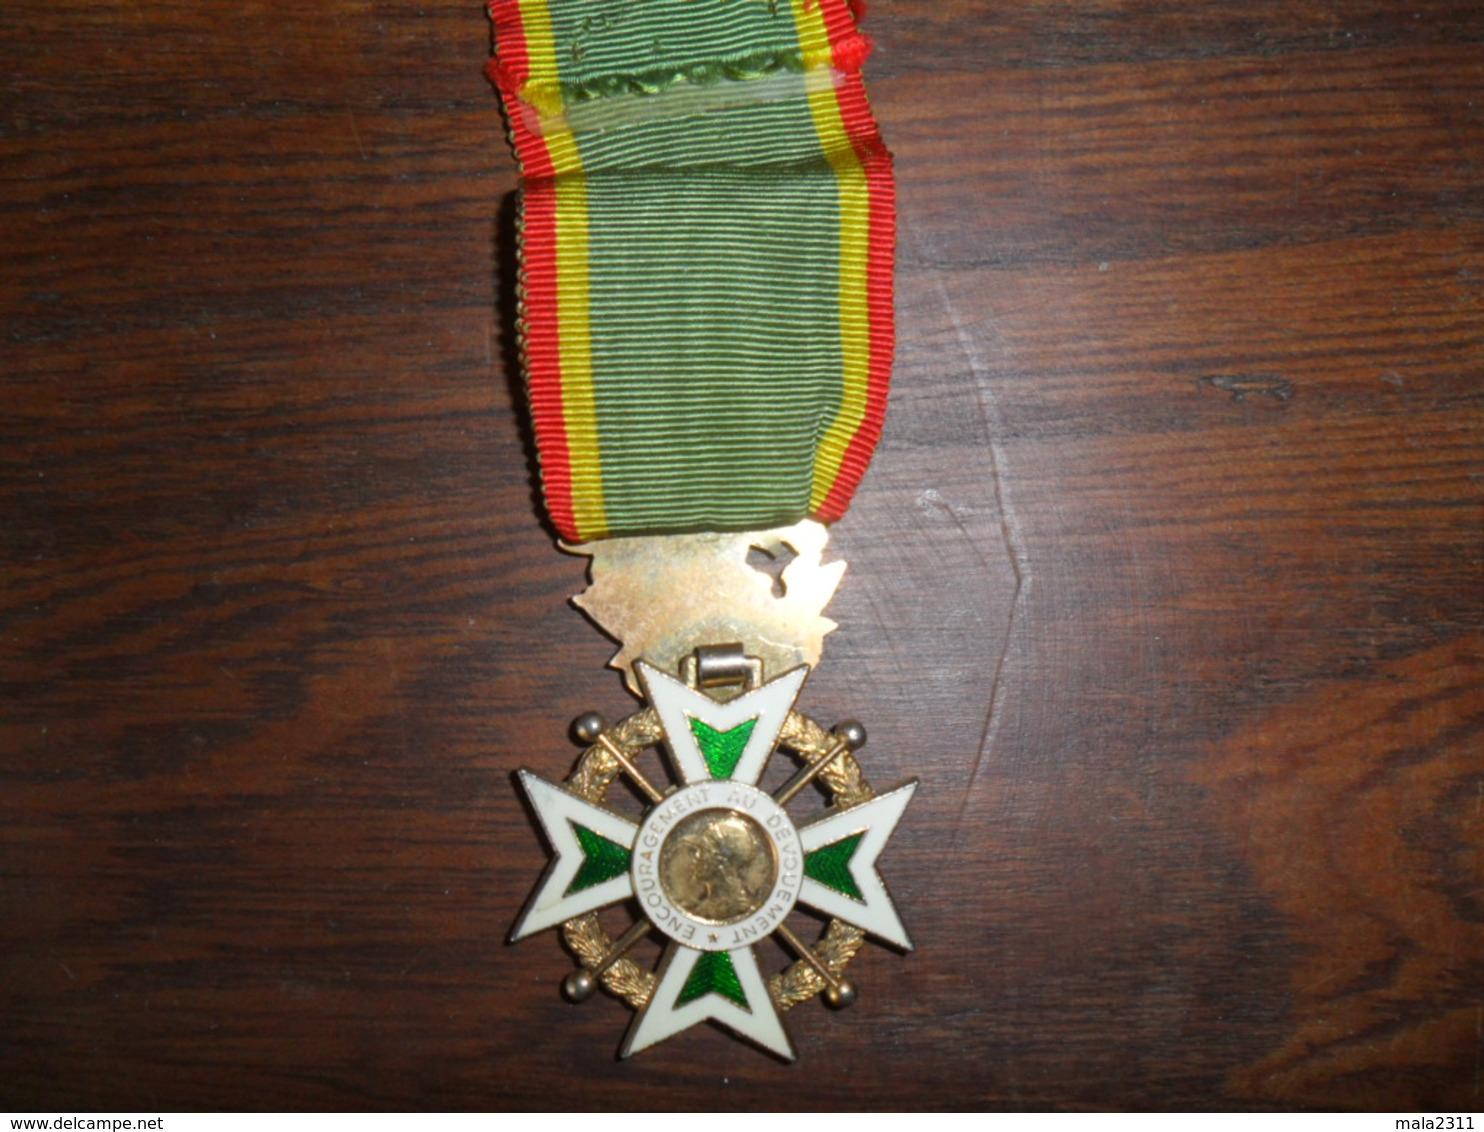 ANCIENNE DECORATION ORIGINE ??  / INSCRIP. ENCOURAGEMENT AU DEVOUEMENT - Médailles & Décorations